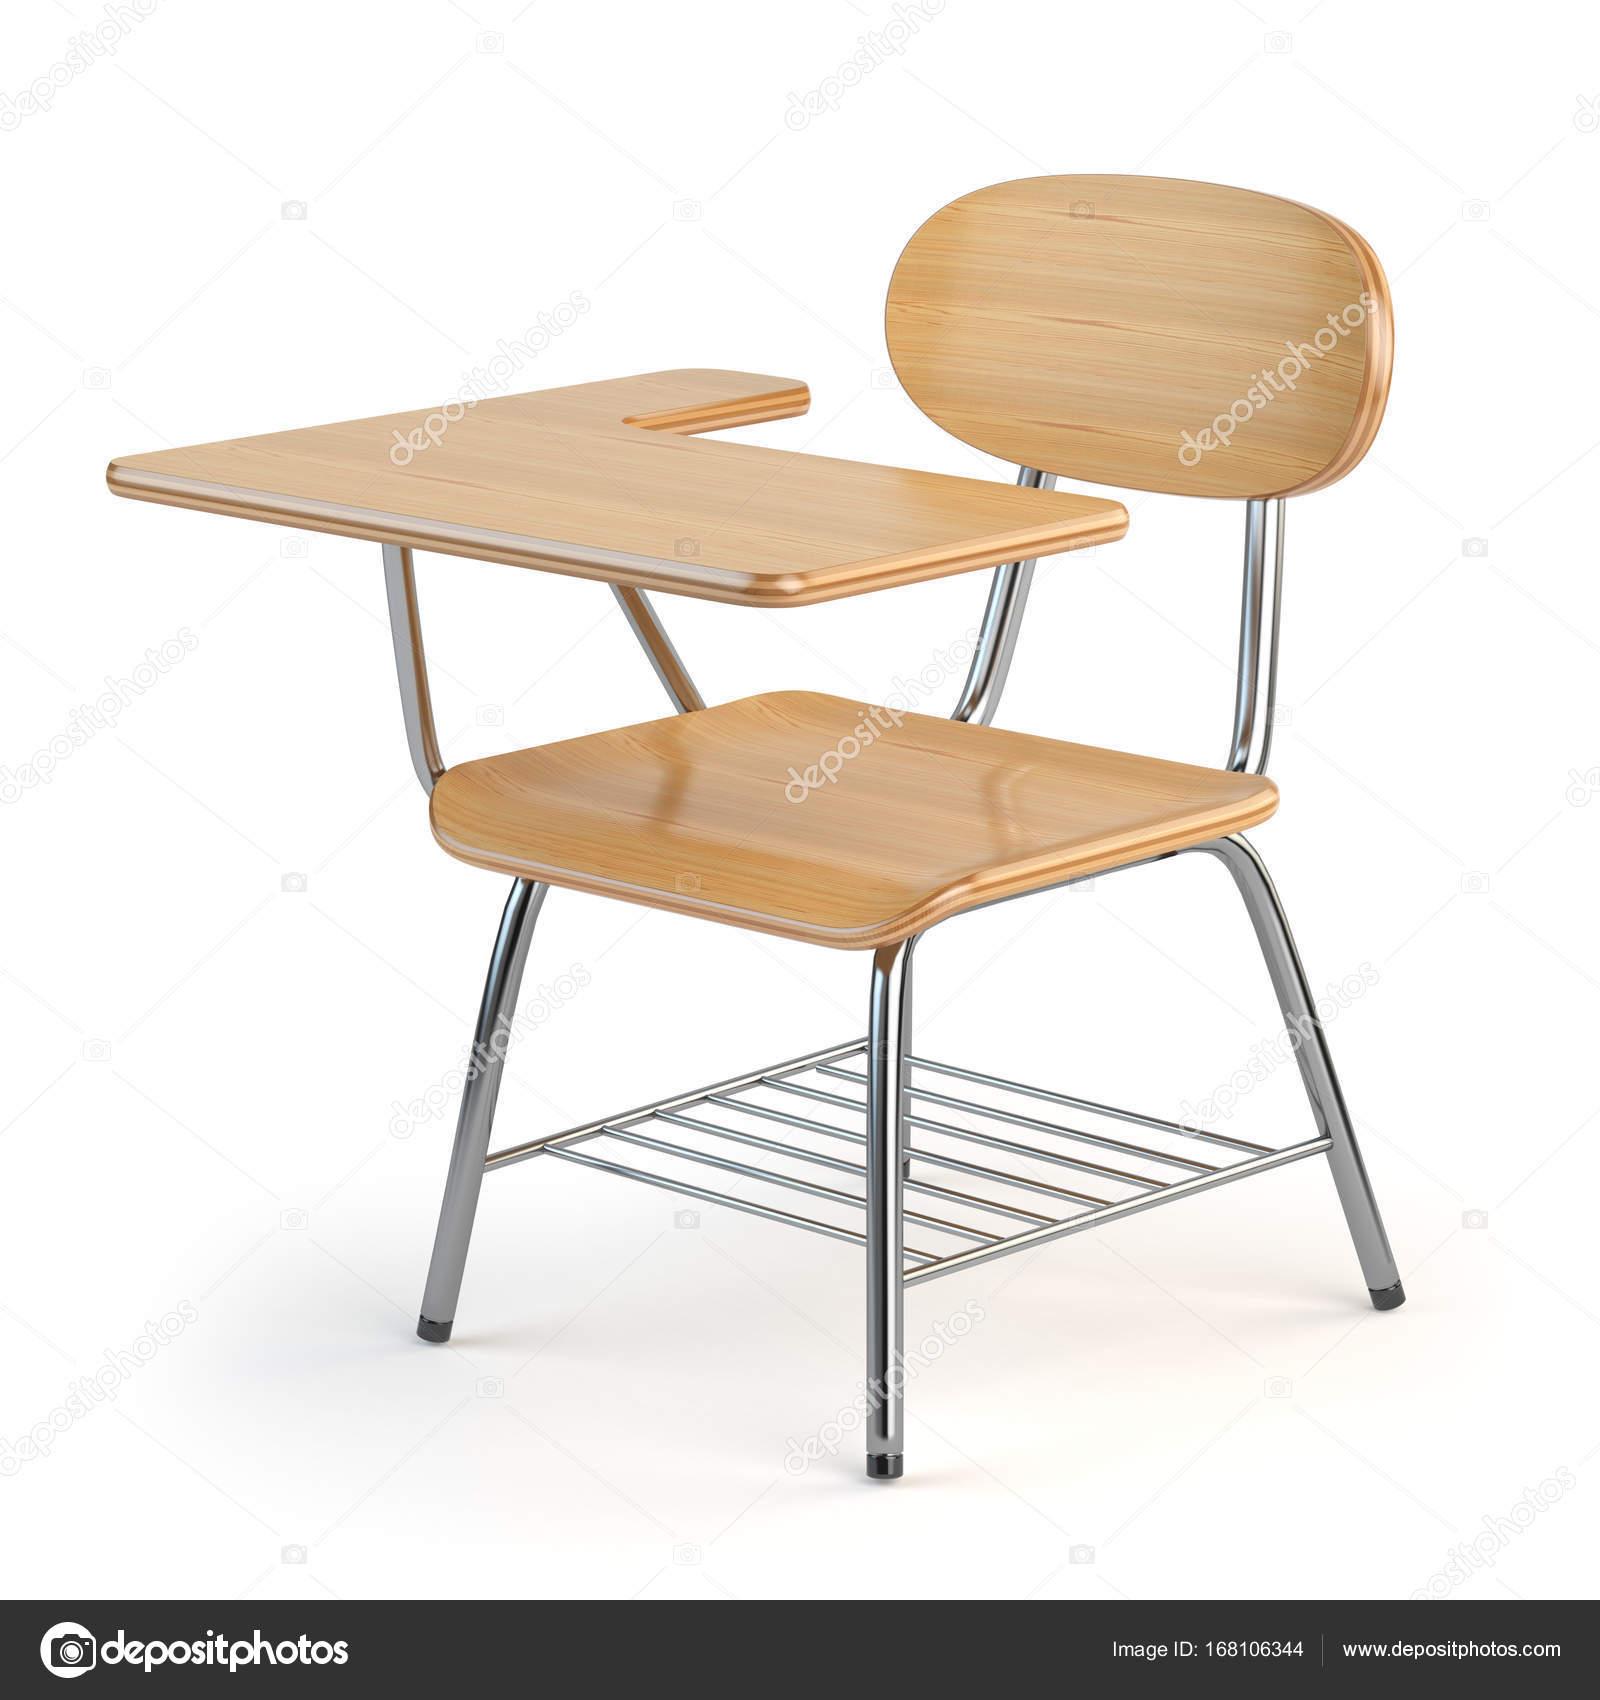 Holz Schule Schreibtisch Und Stuhl Auf Weißem Isoliert Stockfoto